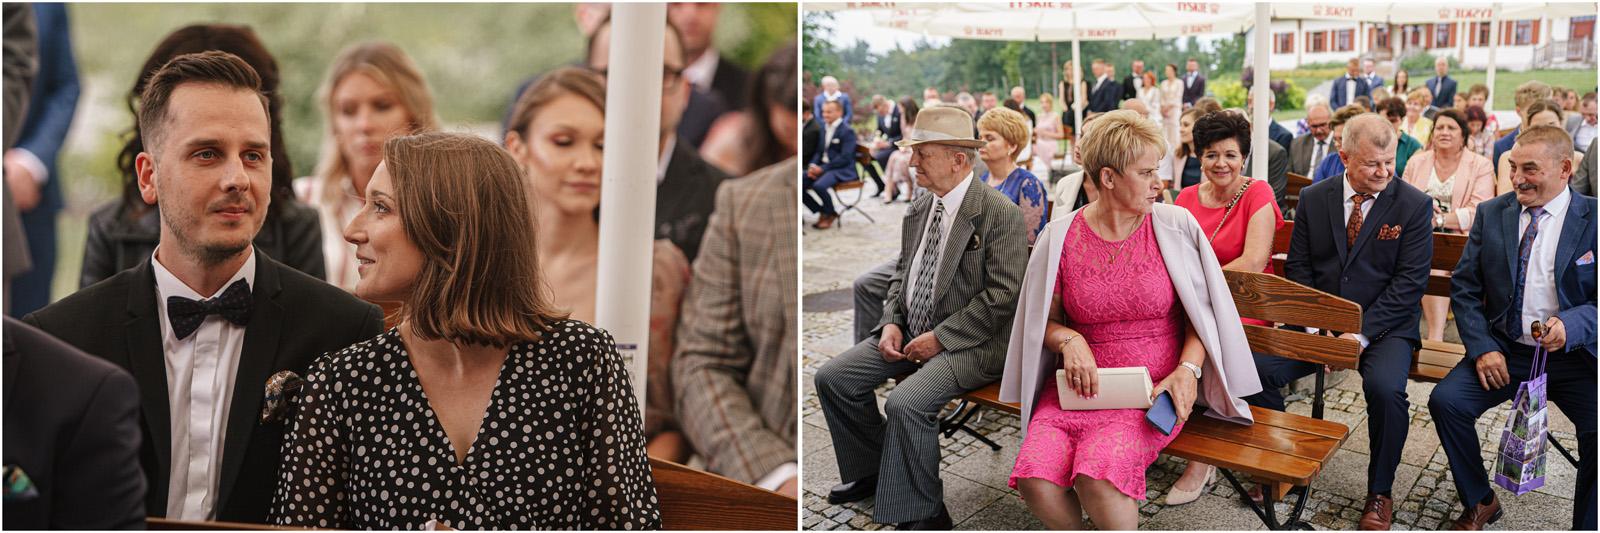 Kasia & Damian   ślub plenerowy w Kuźni Smaków i sesja w skansenie 33